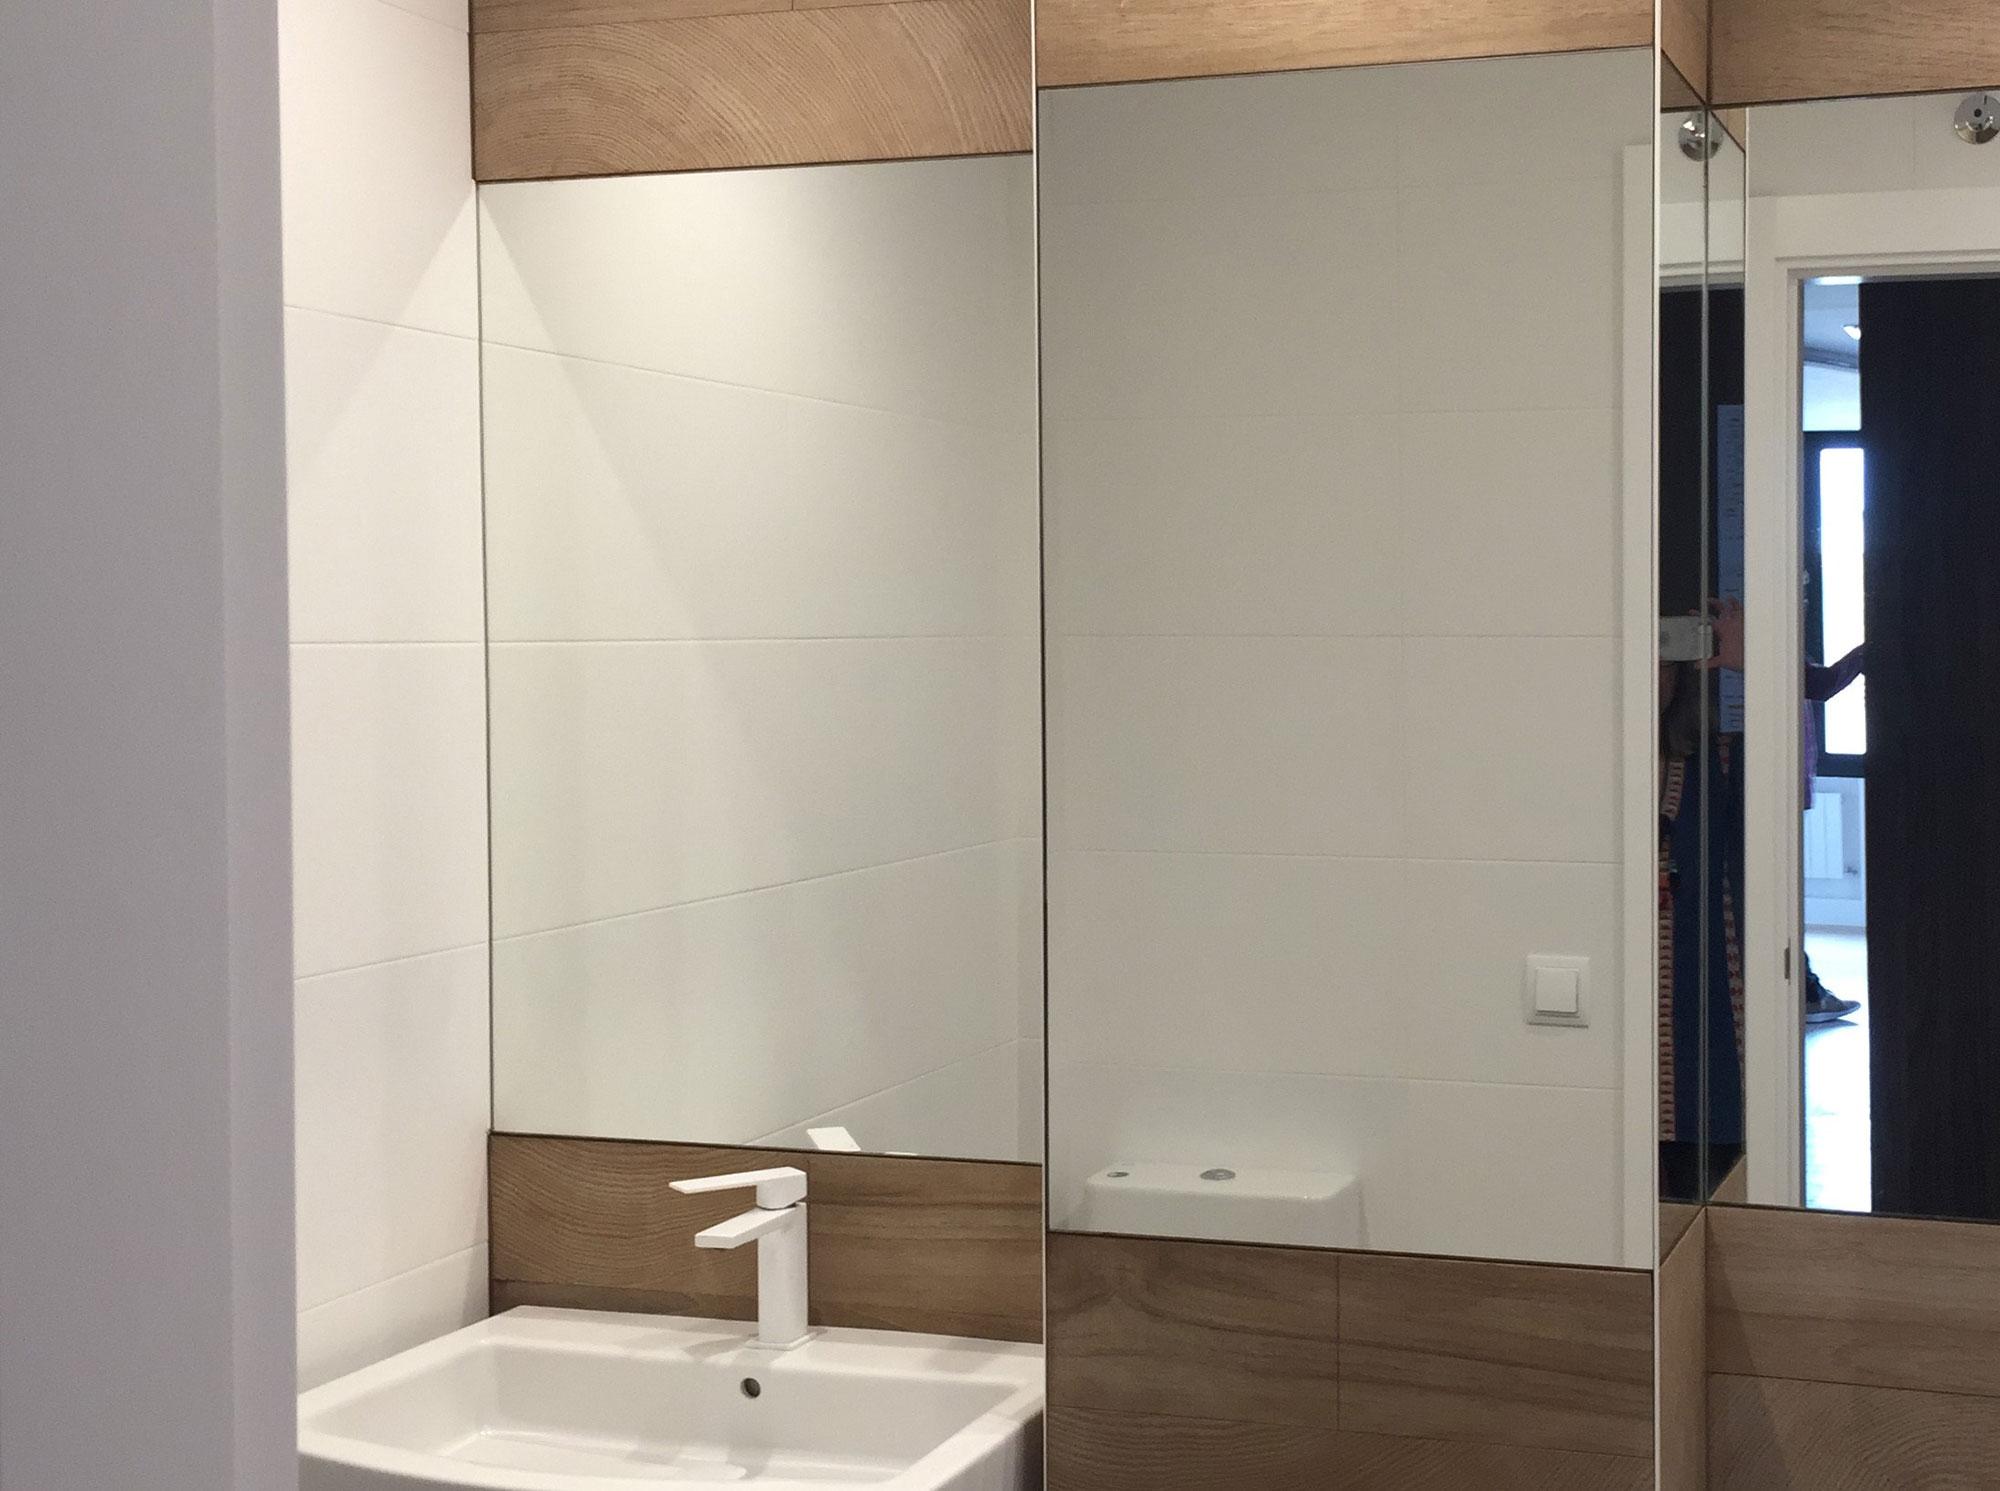 Reforma de baños Logroño | Reformas Integrales